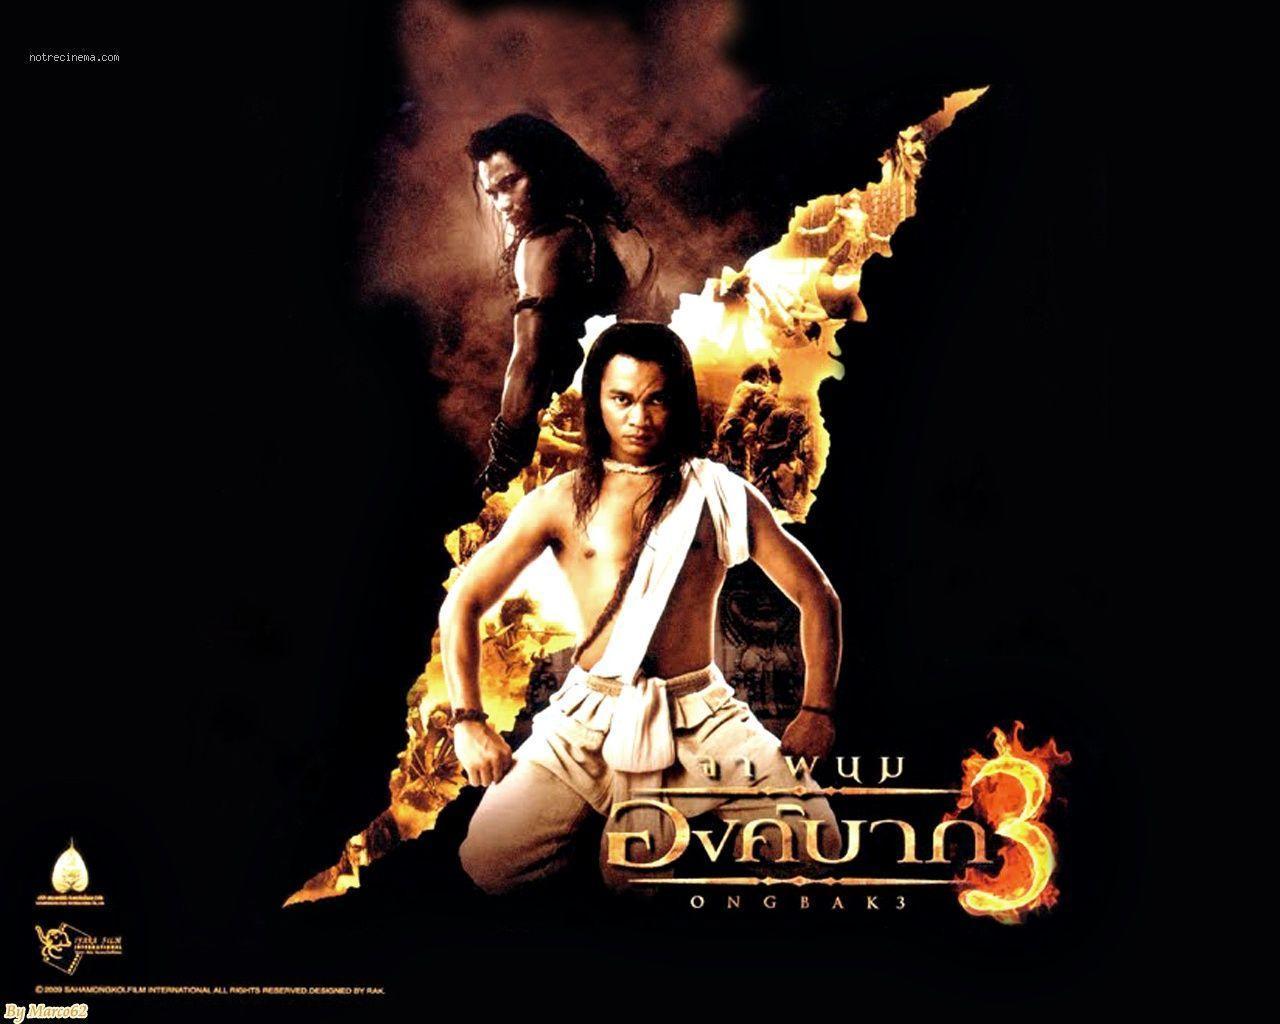 ong bak 3 hindi full movie download